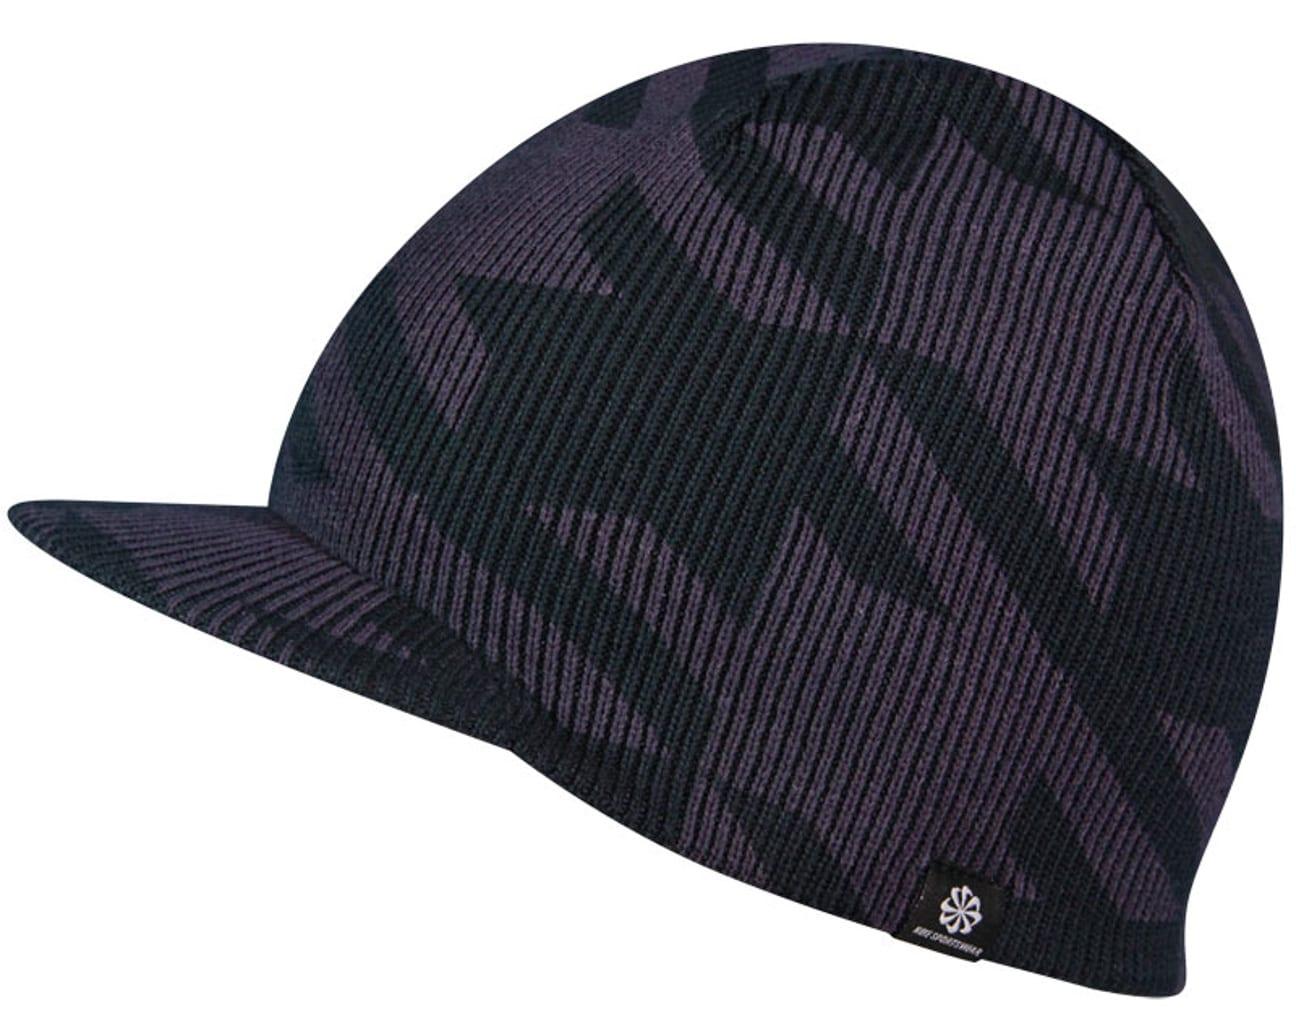 Acquista cappello nike blu - OFF71% sconti 408573fd62f2